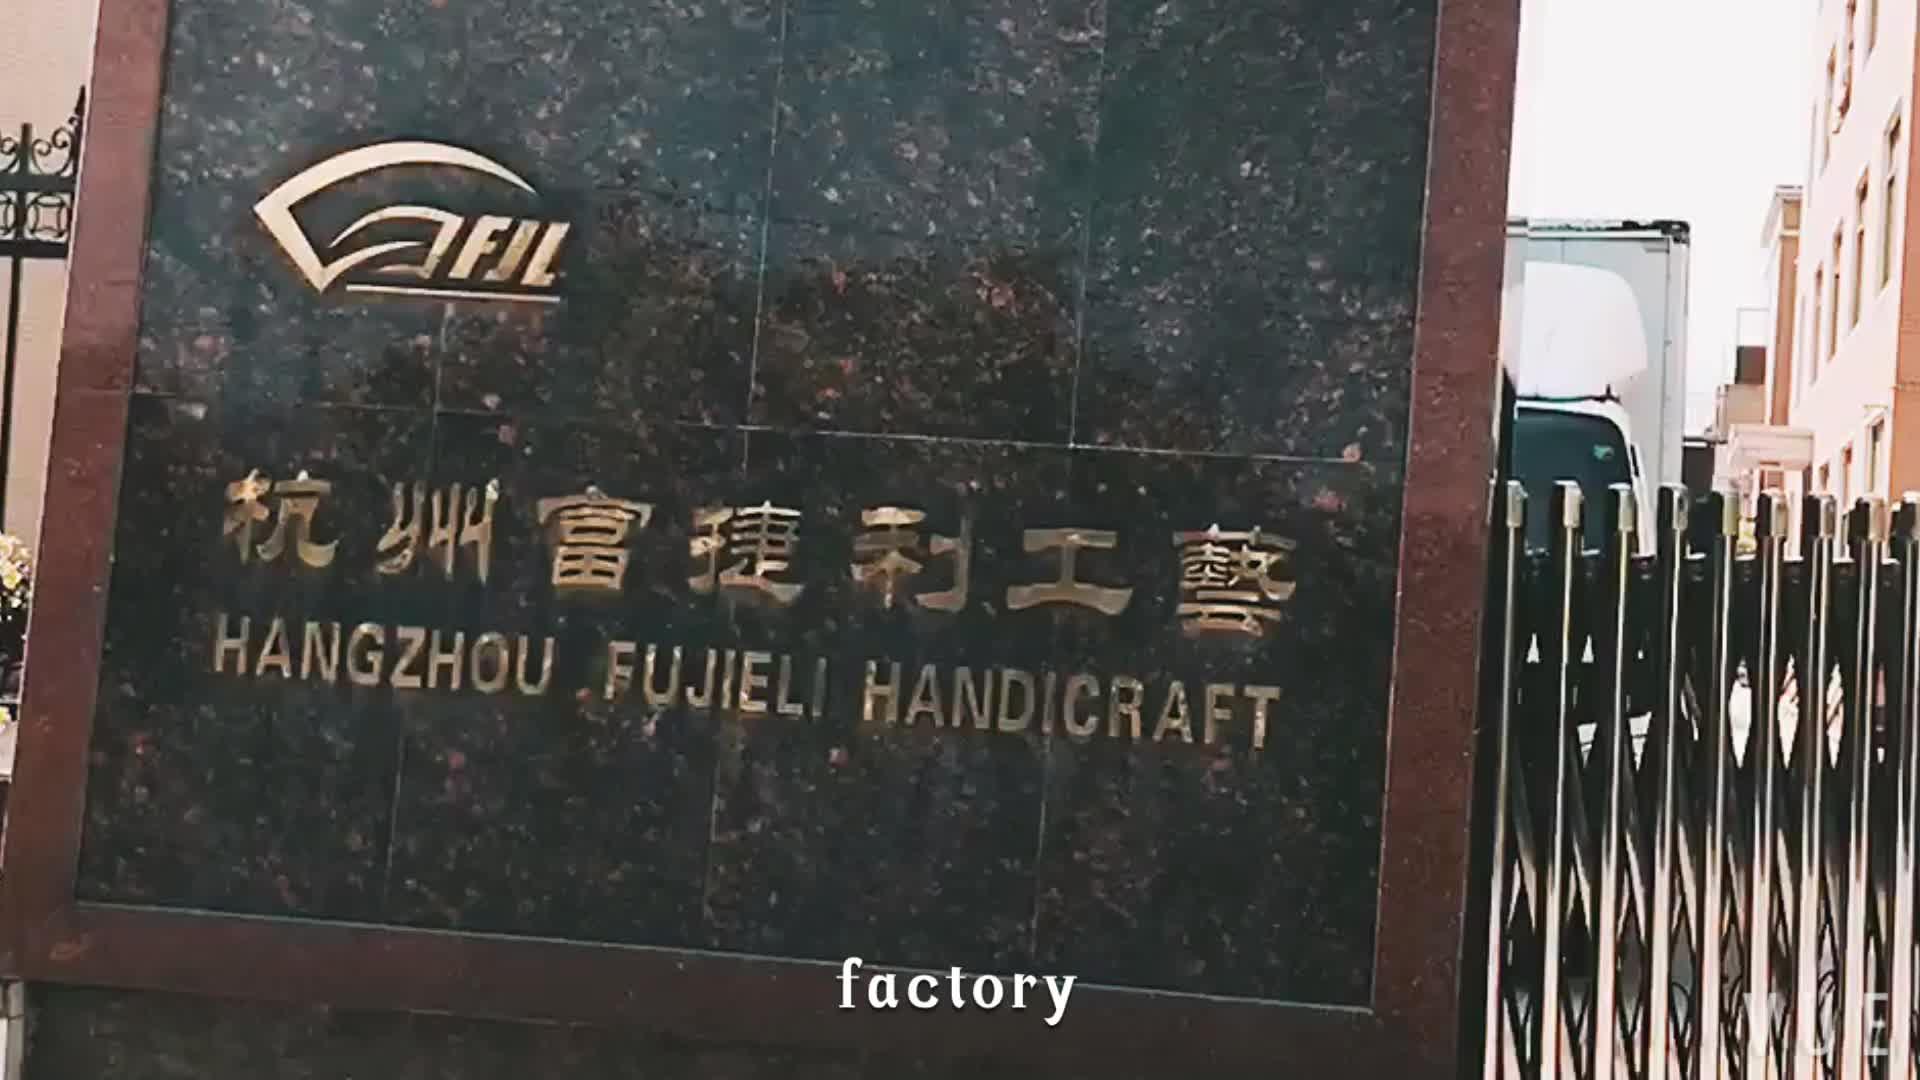 21 centimetri personalizzato proprio disegno di bambù ventilatore della mano è regali di artigianato giapponese ventaglio di carta per la vendita ventilatore della mano